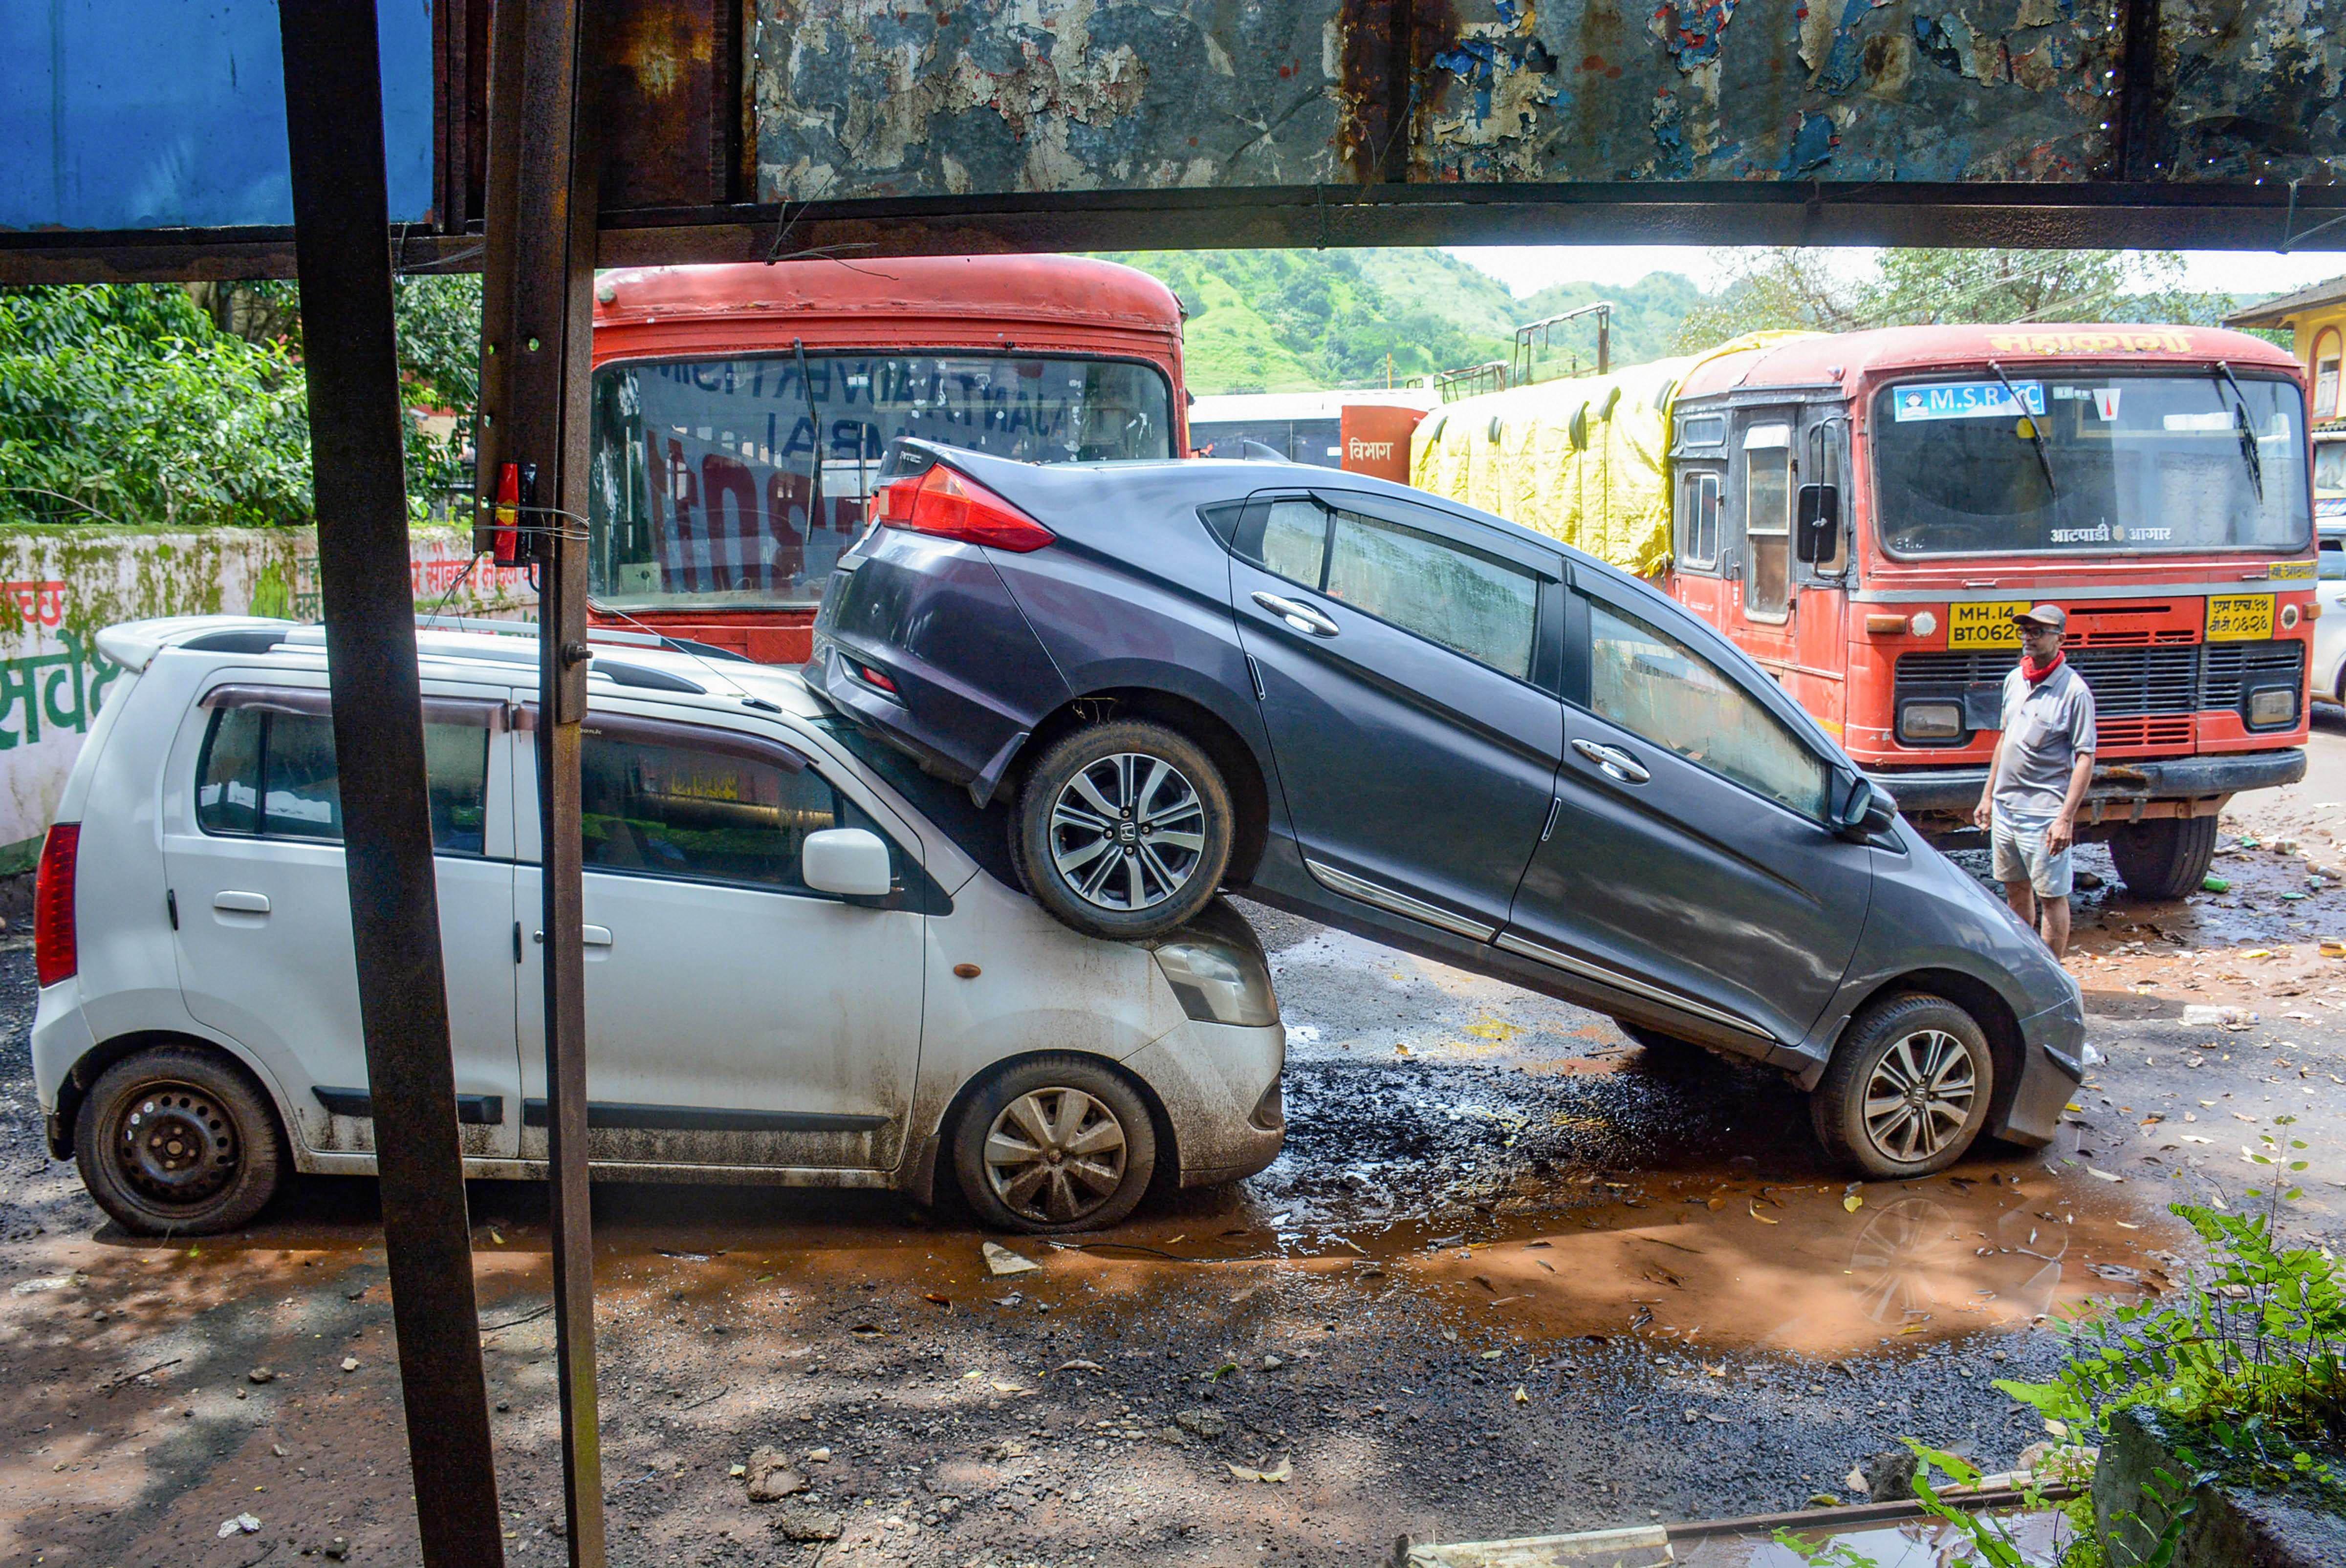 महाराष्ट्र के रायगढ़ में बारिश का पानी नीचे उतरने पर गाड़ियों की हालत ऐसी मिली।